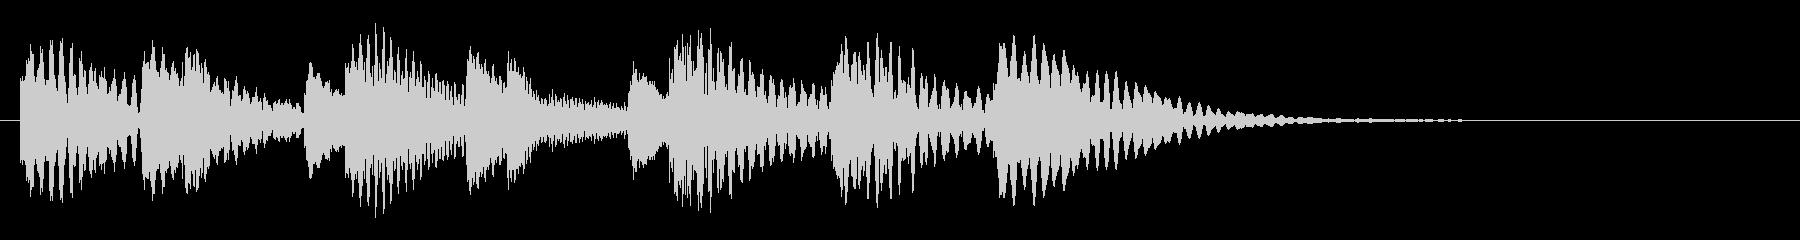 木琴 可愛い ほのぼの 日常 ジングル の未再生の波形